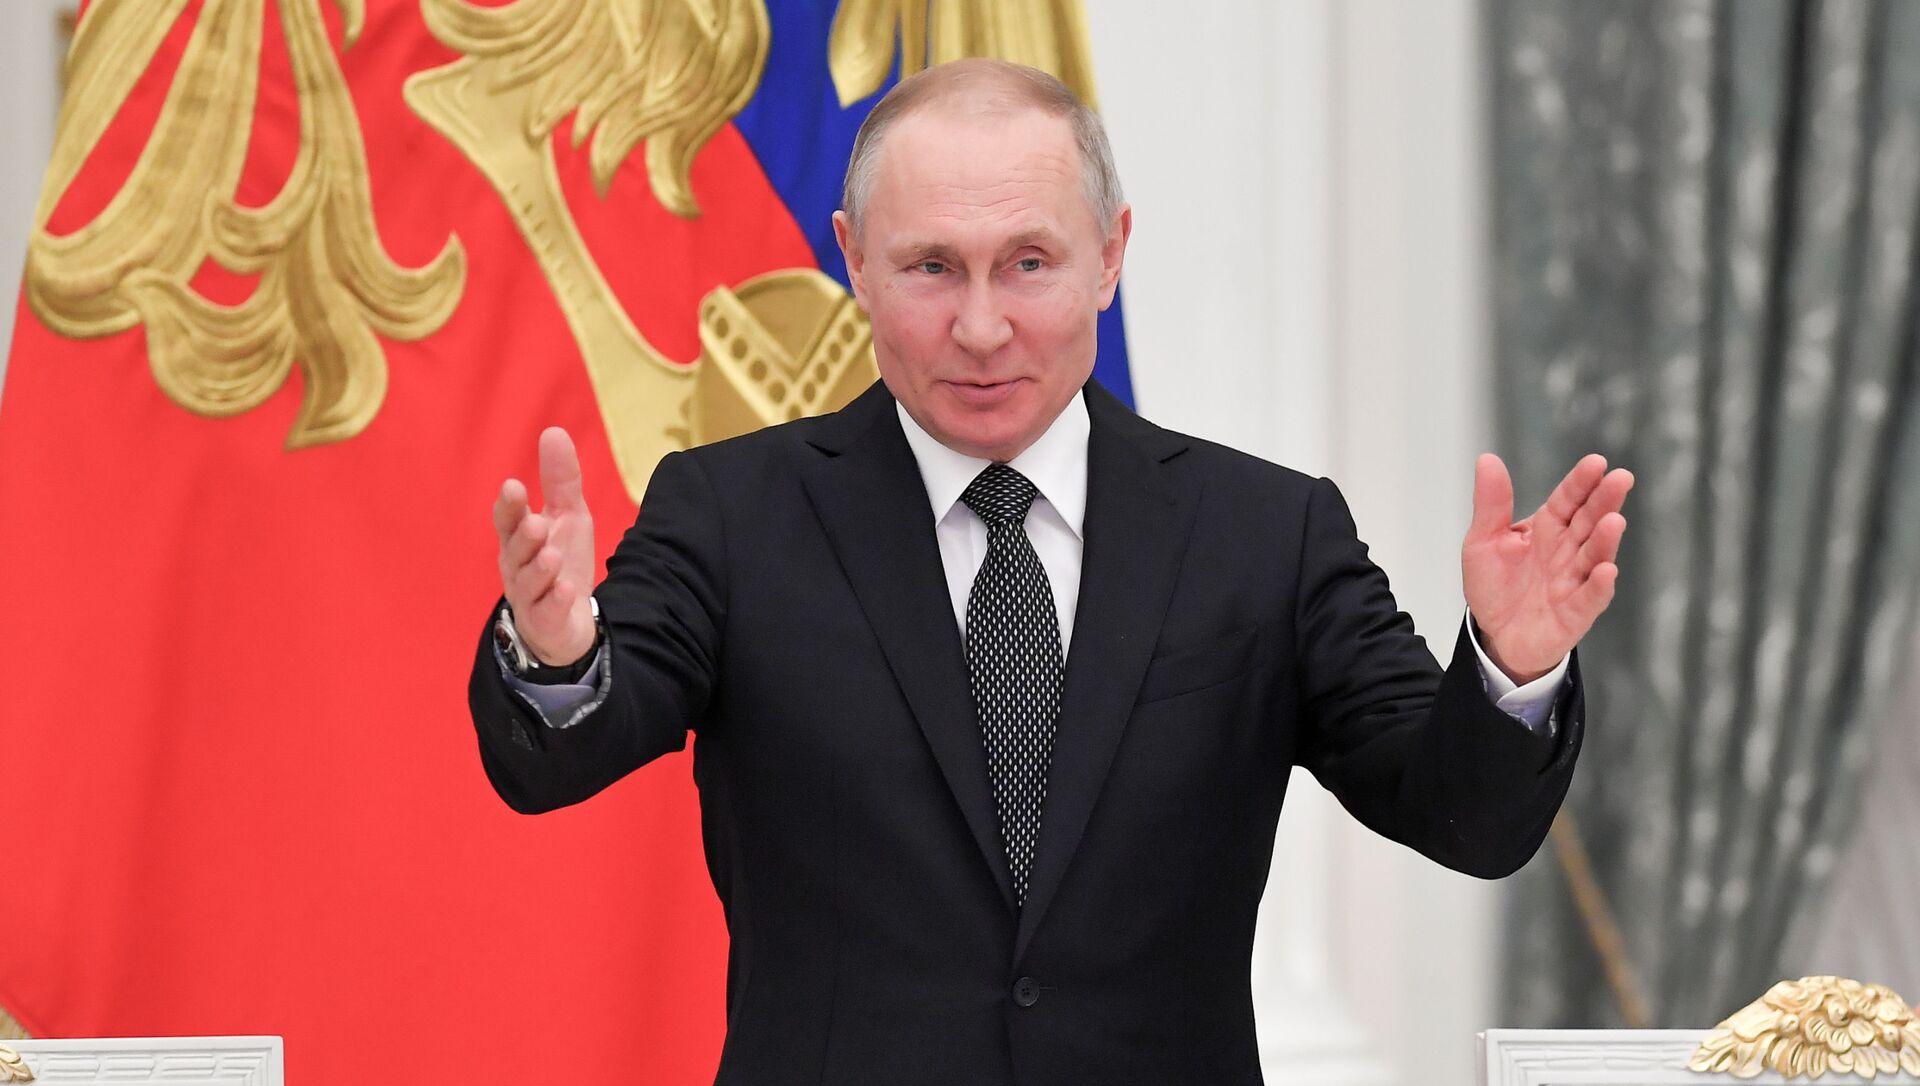 Vladímir Putin, presidente ruso - Sputnik Mundo, 1920, 08.02.2021